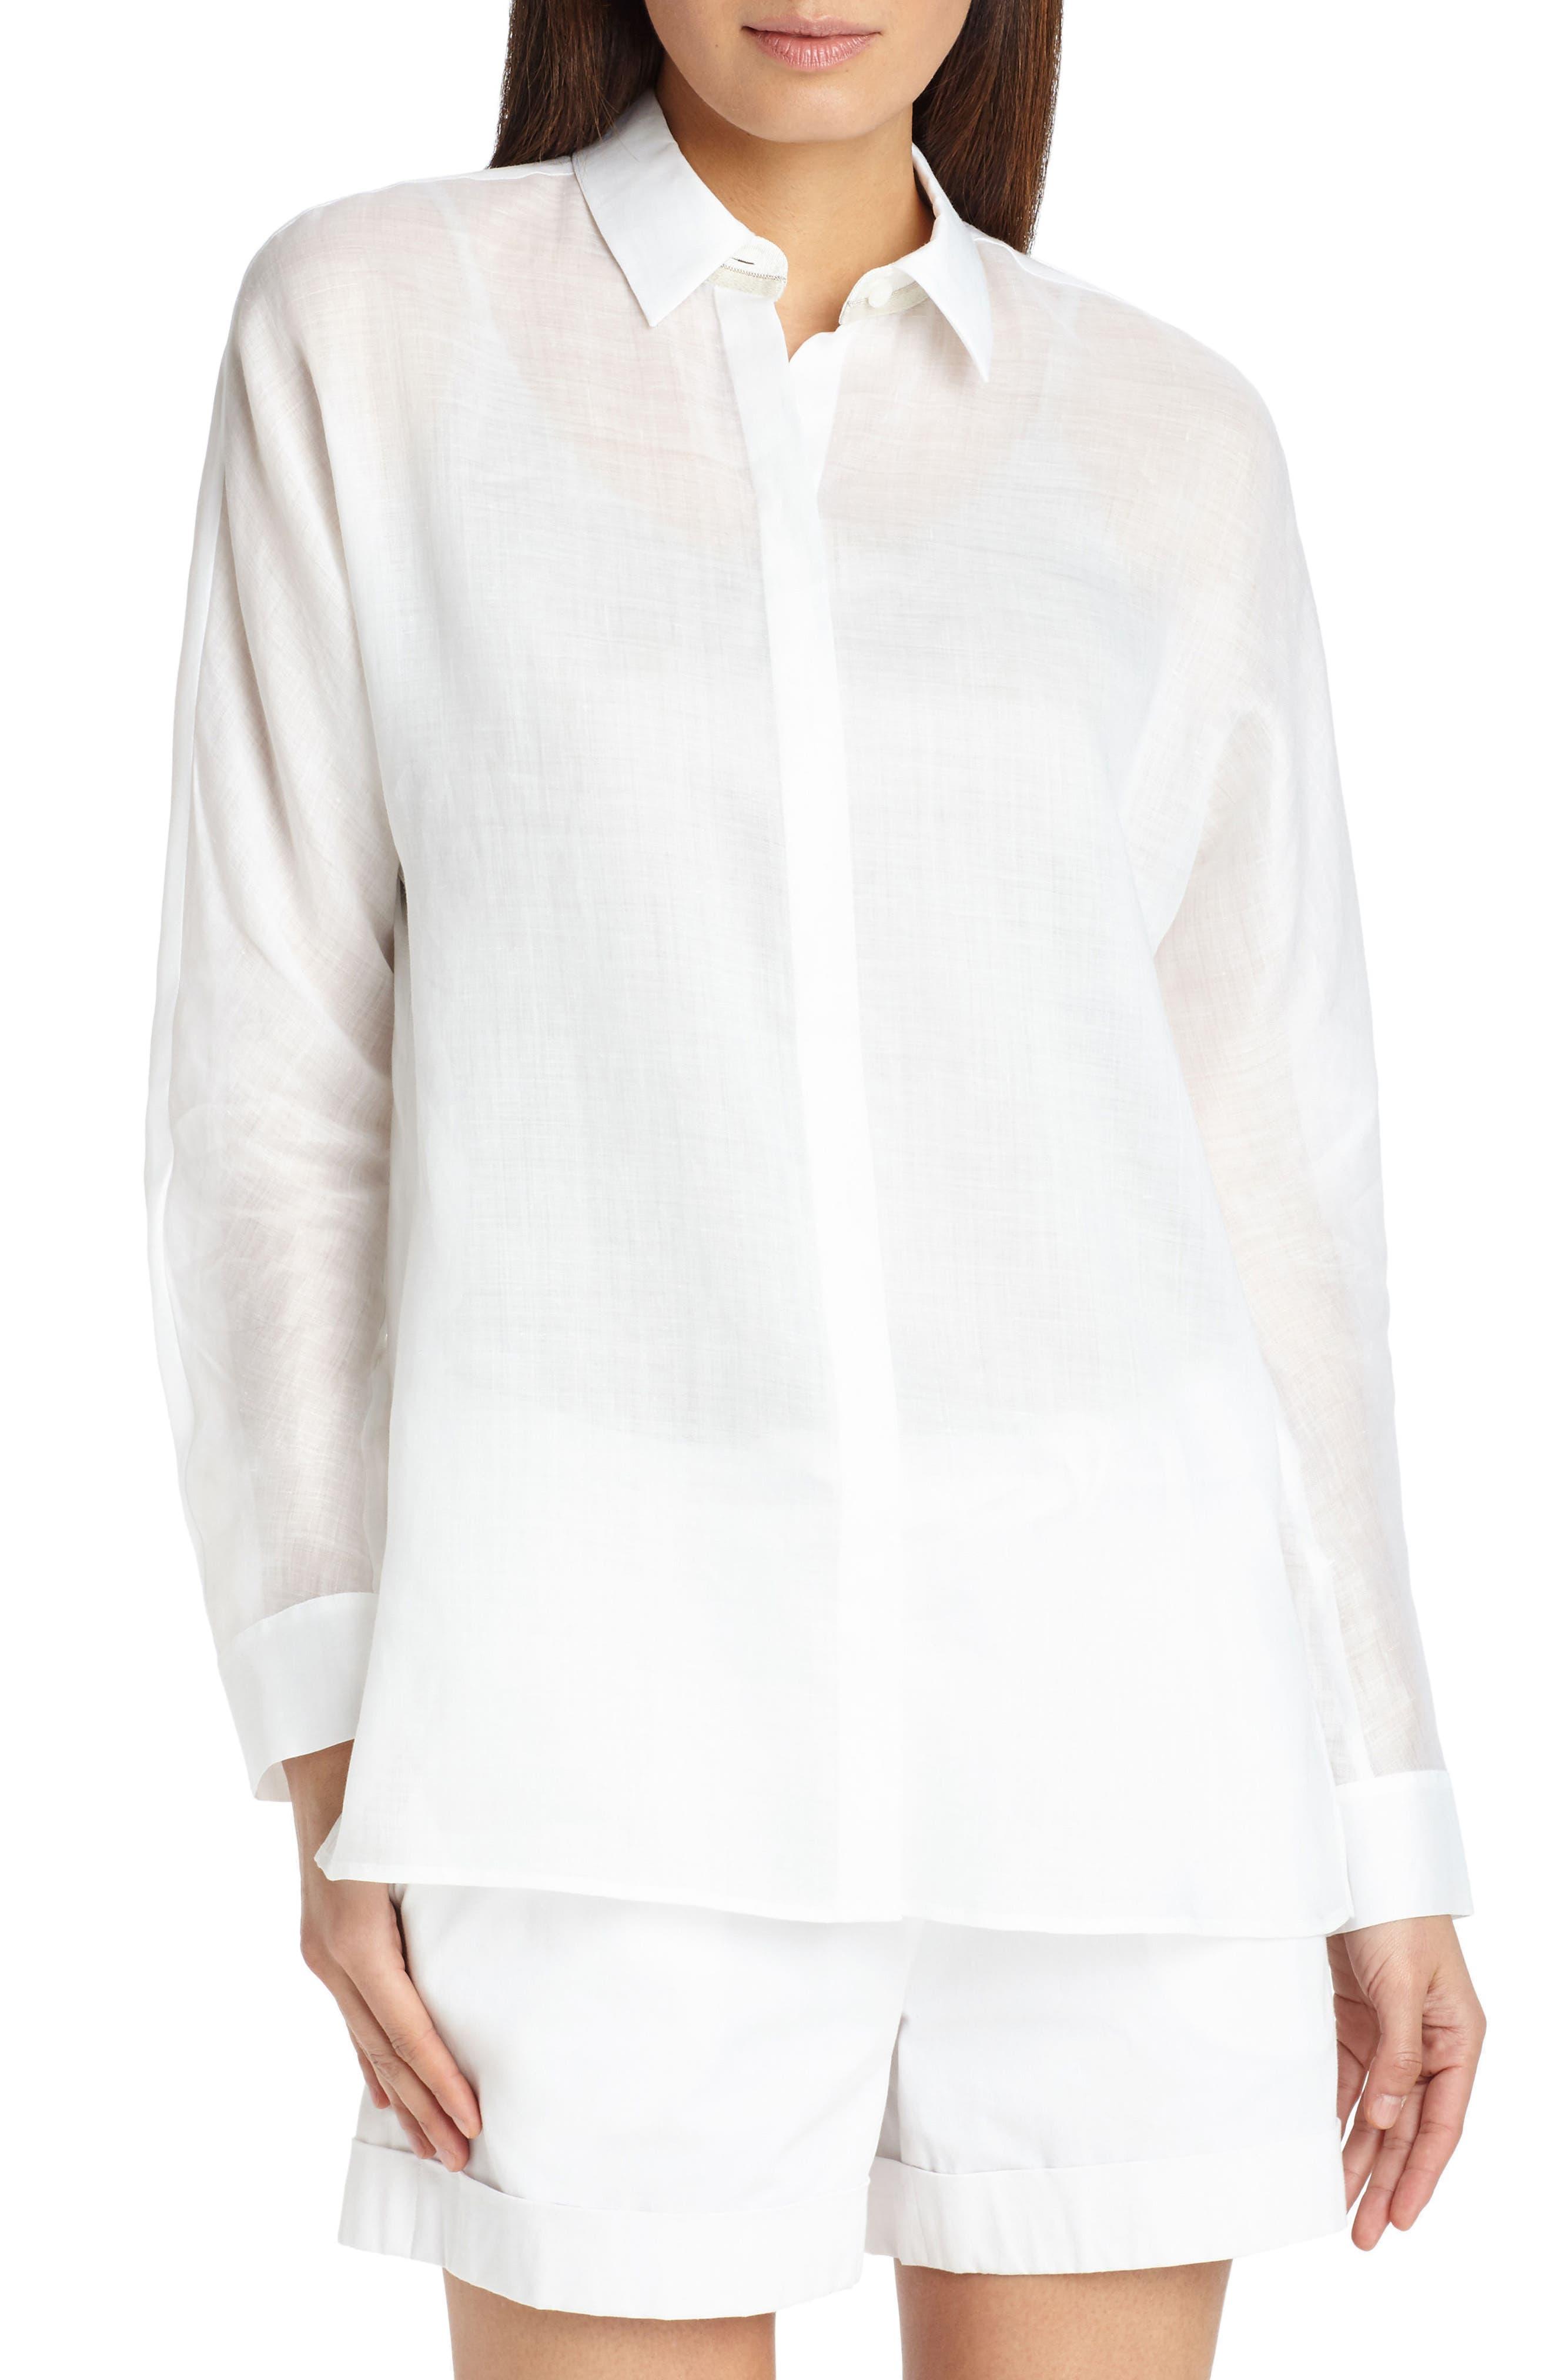 Alyssa Gemma Cloth Blouse,                         Main,                         color, White